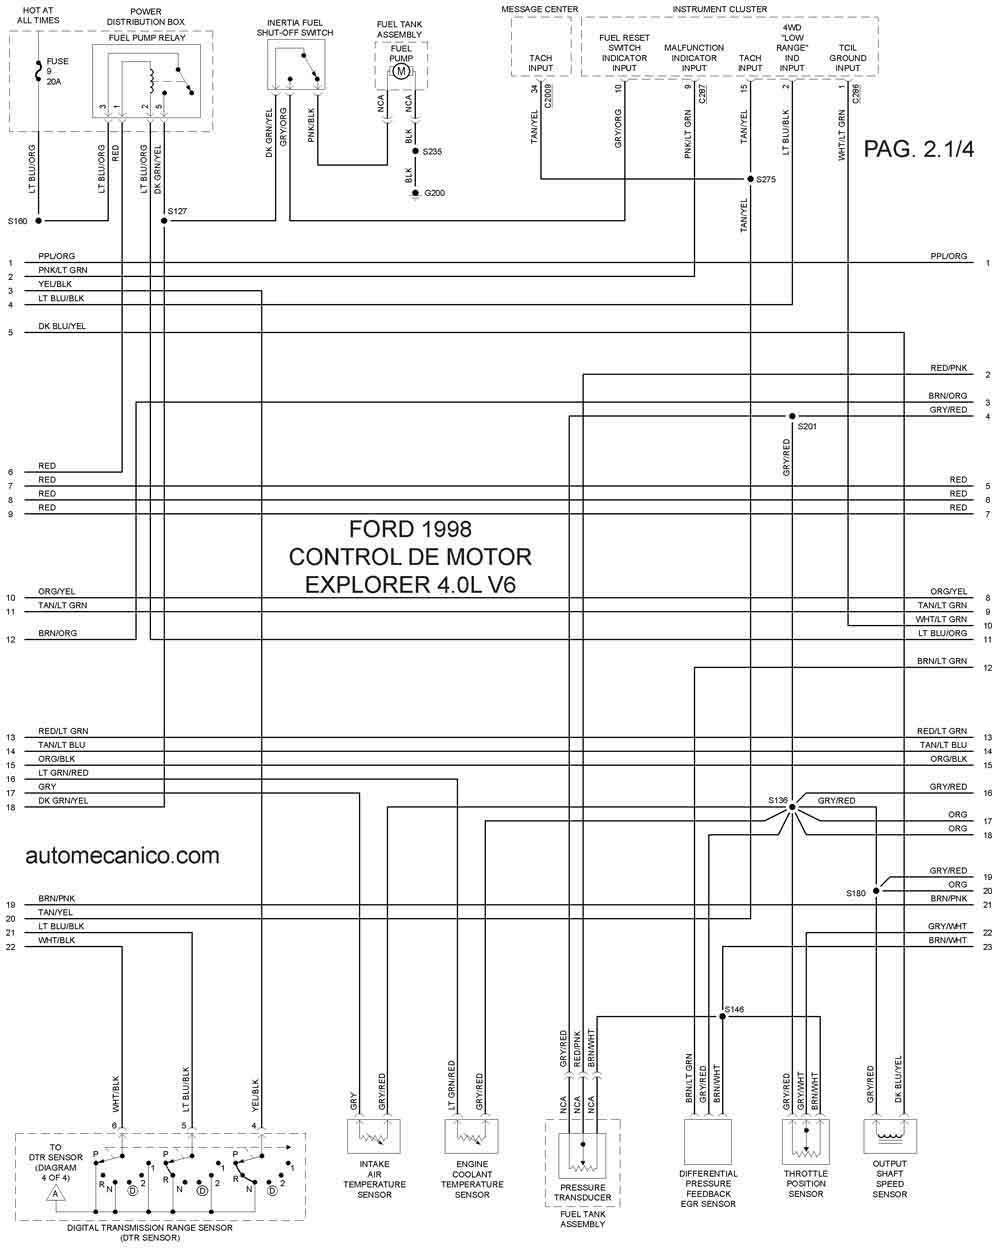 Ford 1998 Diagramas Esquemas Graphics Vehiculos Motores Mecanica Automotriz